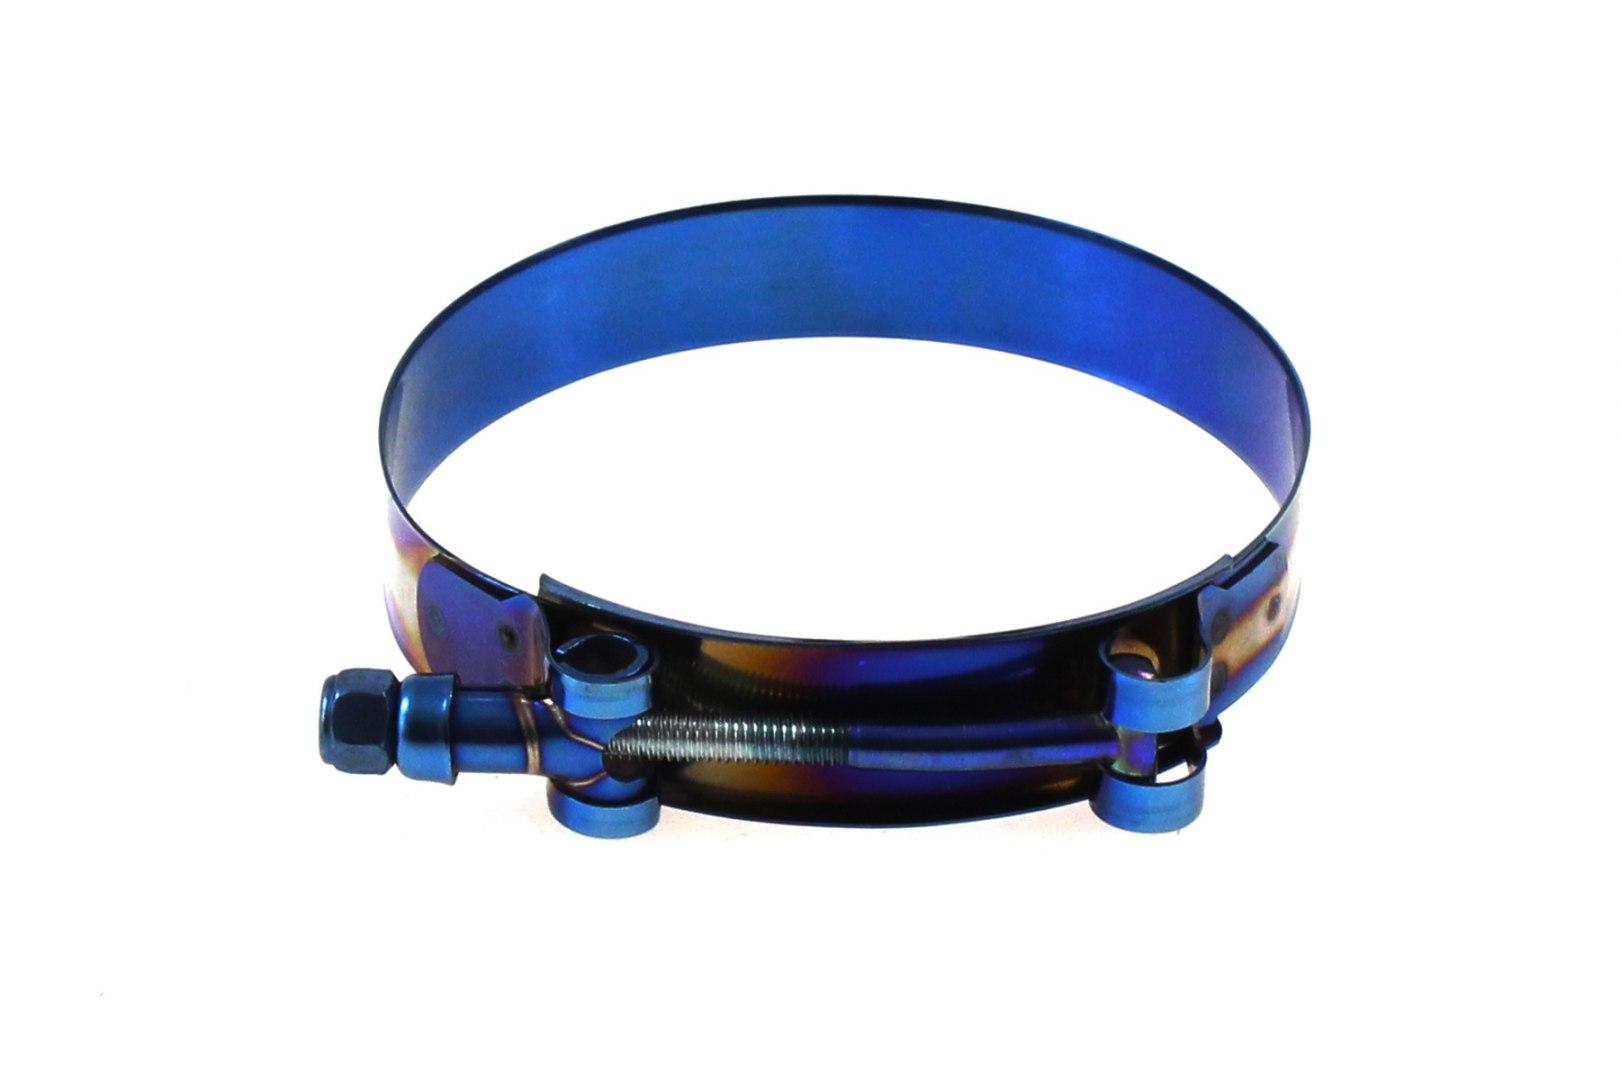 Opaska zaciskowa TurboWorks 65-73mm T-Clamp - GRUBYGARAGE - Sklep Tuningowy